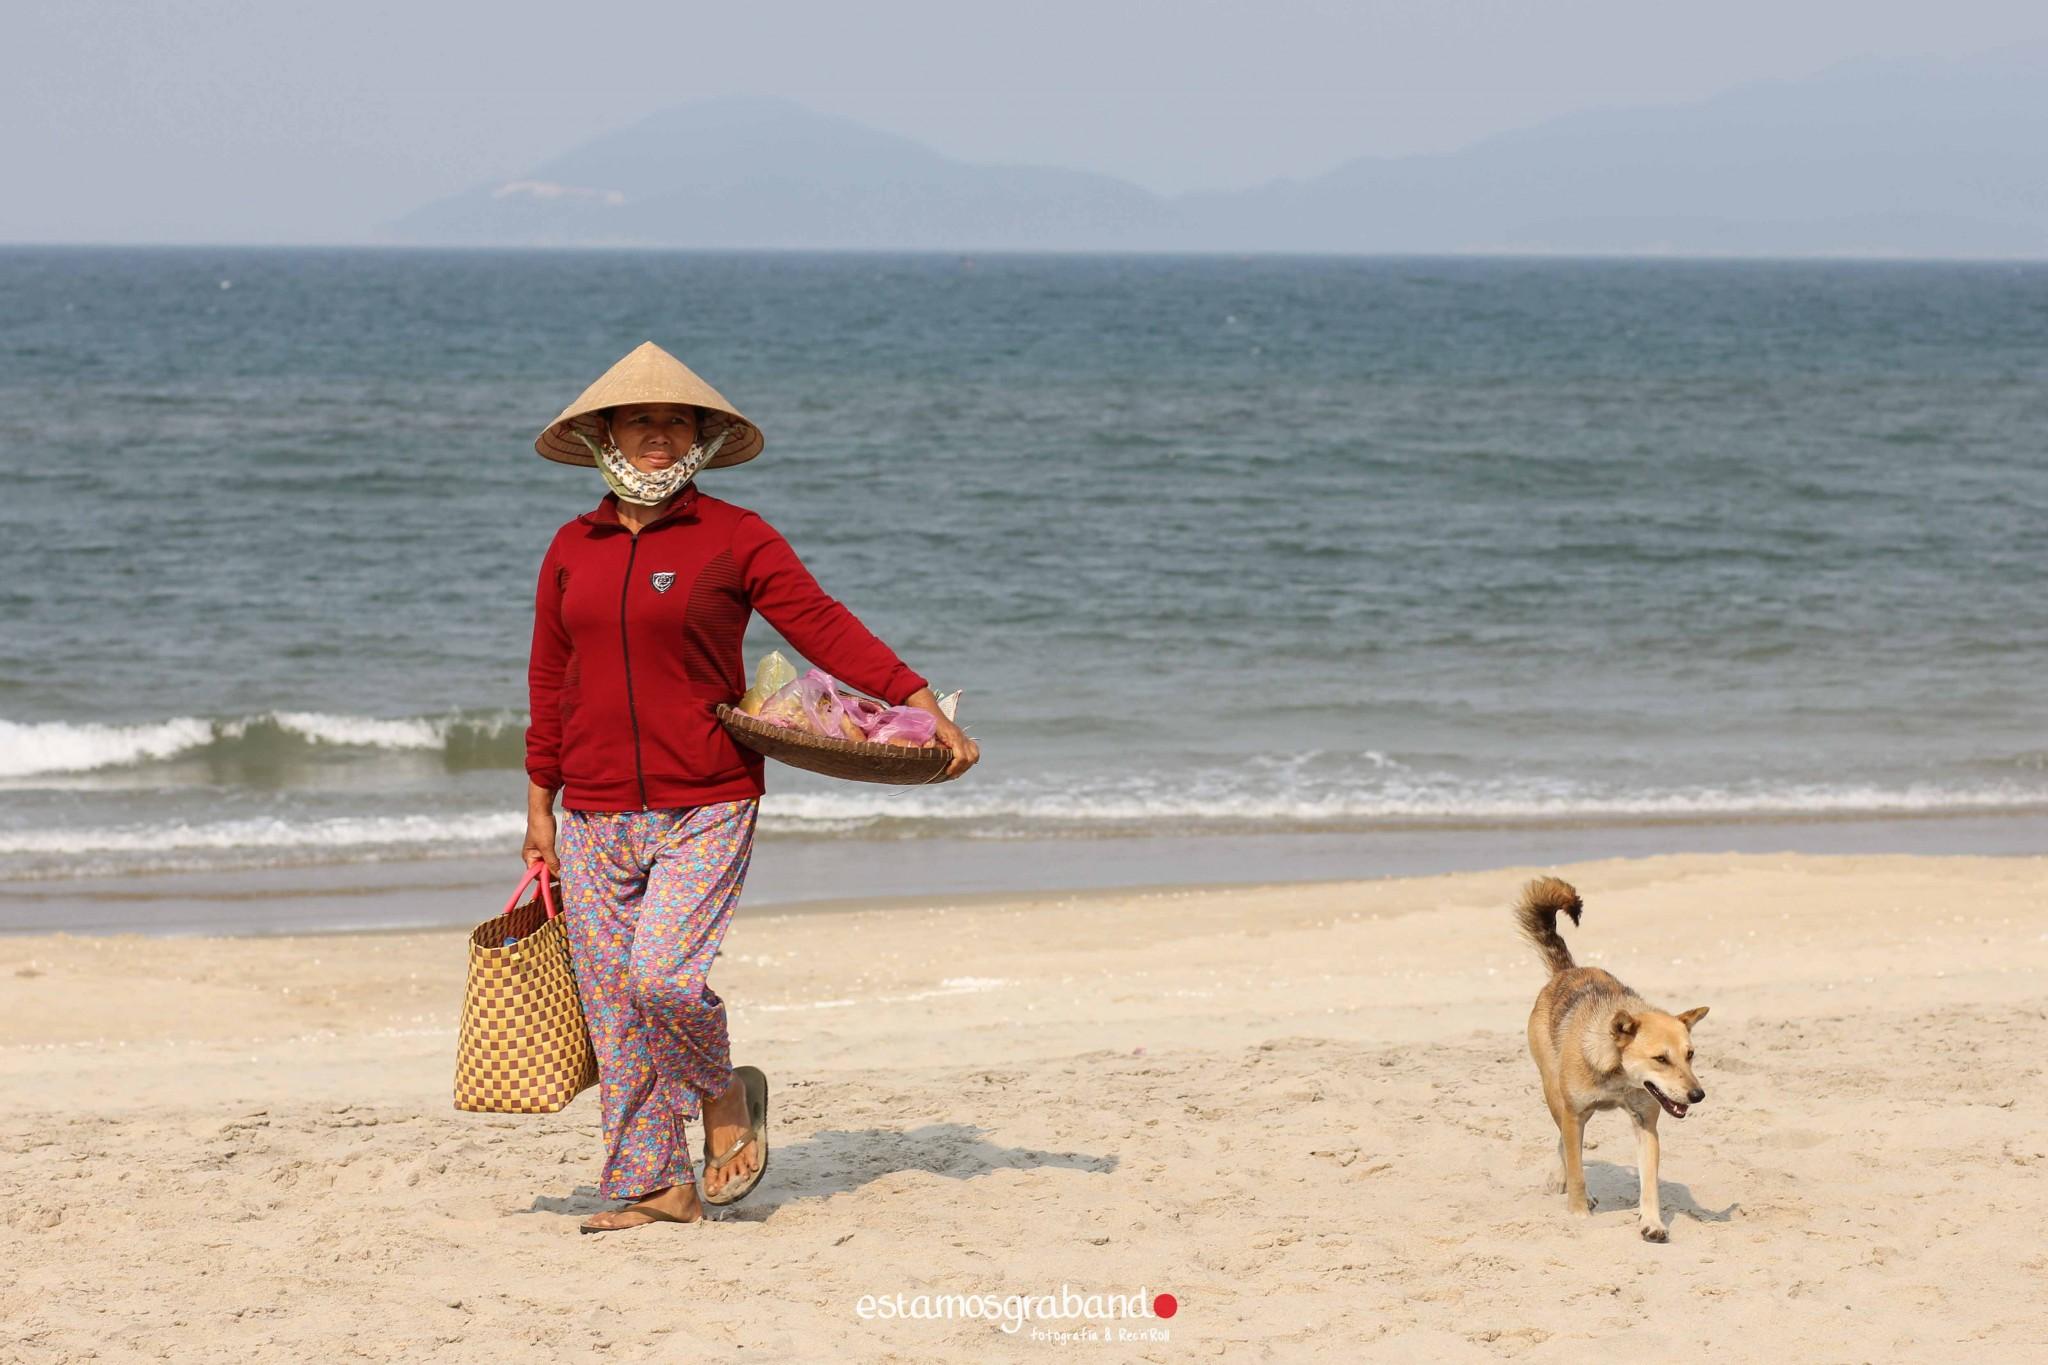 reportaje-vietnam_fotograficc81a-vietnam_estamosgrabando-vietnam_rutasvietnam_reportaje-retratos-fotos-vietnam_fotografia-vietnam_reportaje-estamosgrabando-fotograficc81a-vietnam-92 Pequeños grandes recuerdos de Vietnam en 100 imágenes - video boda cadiz